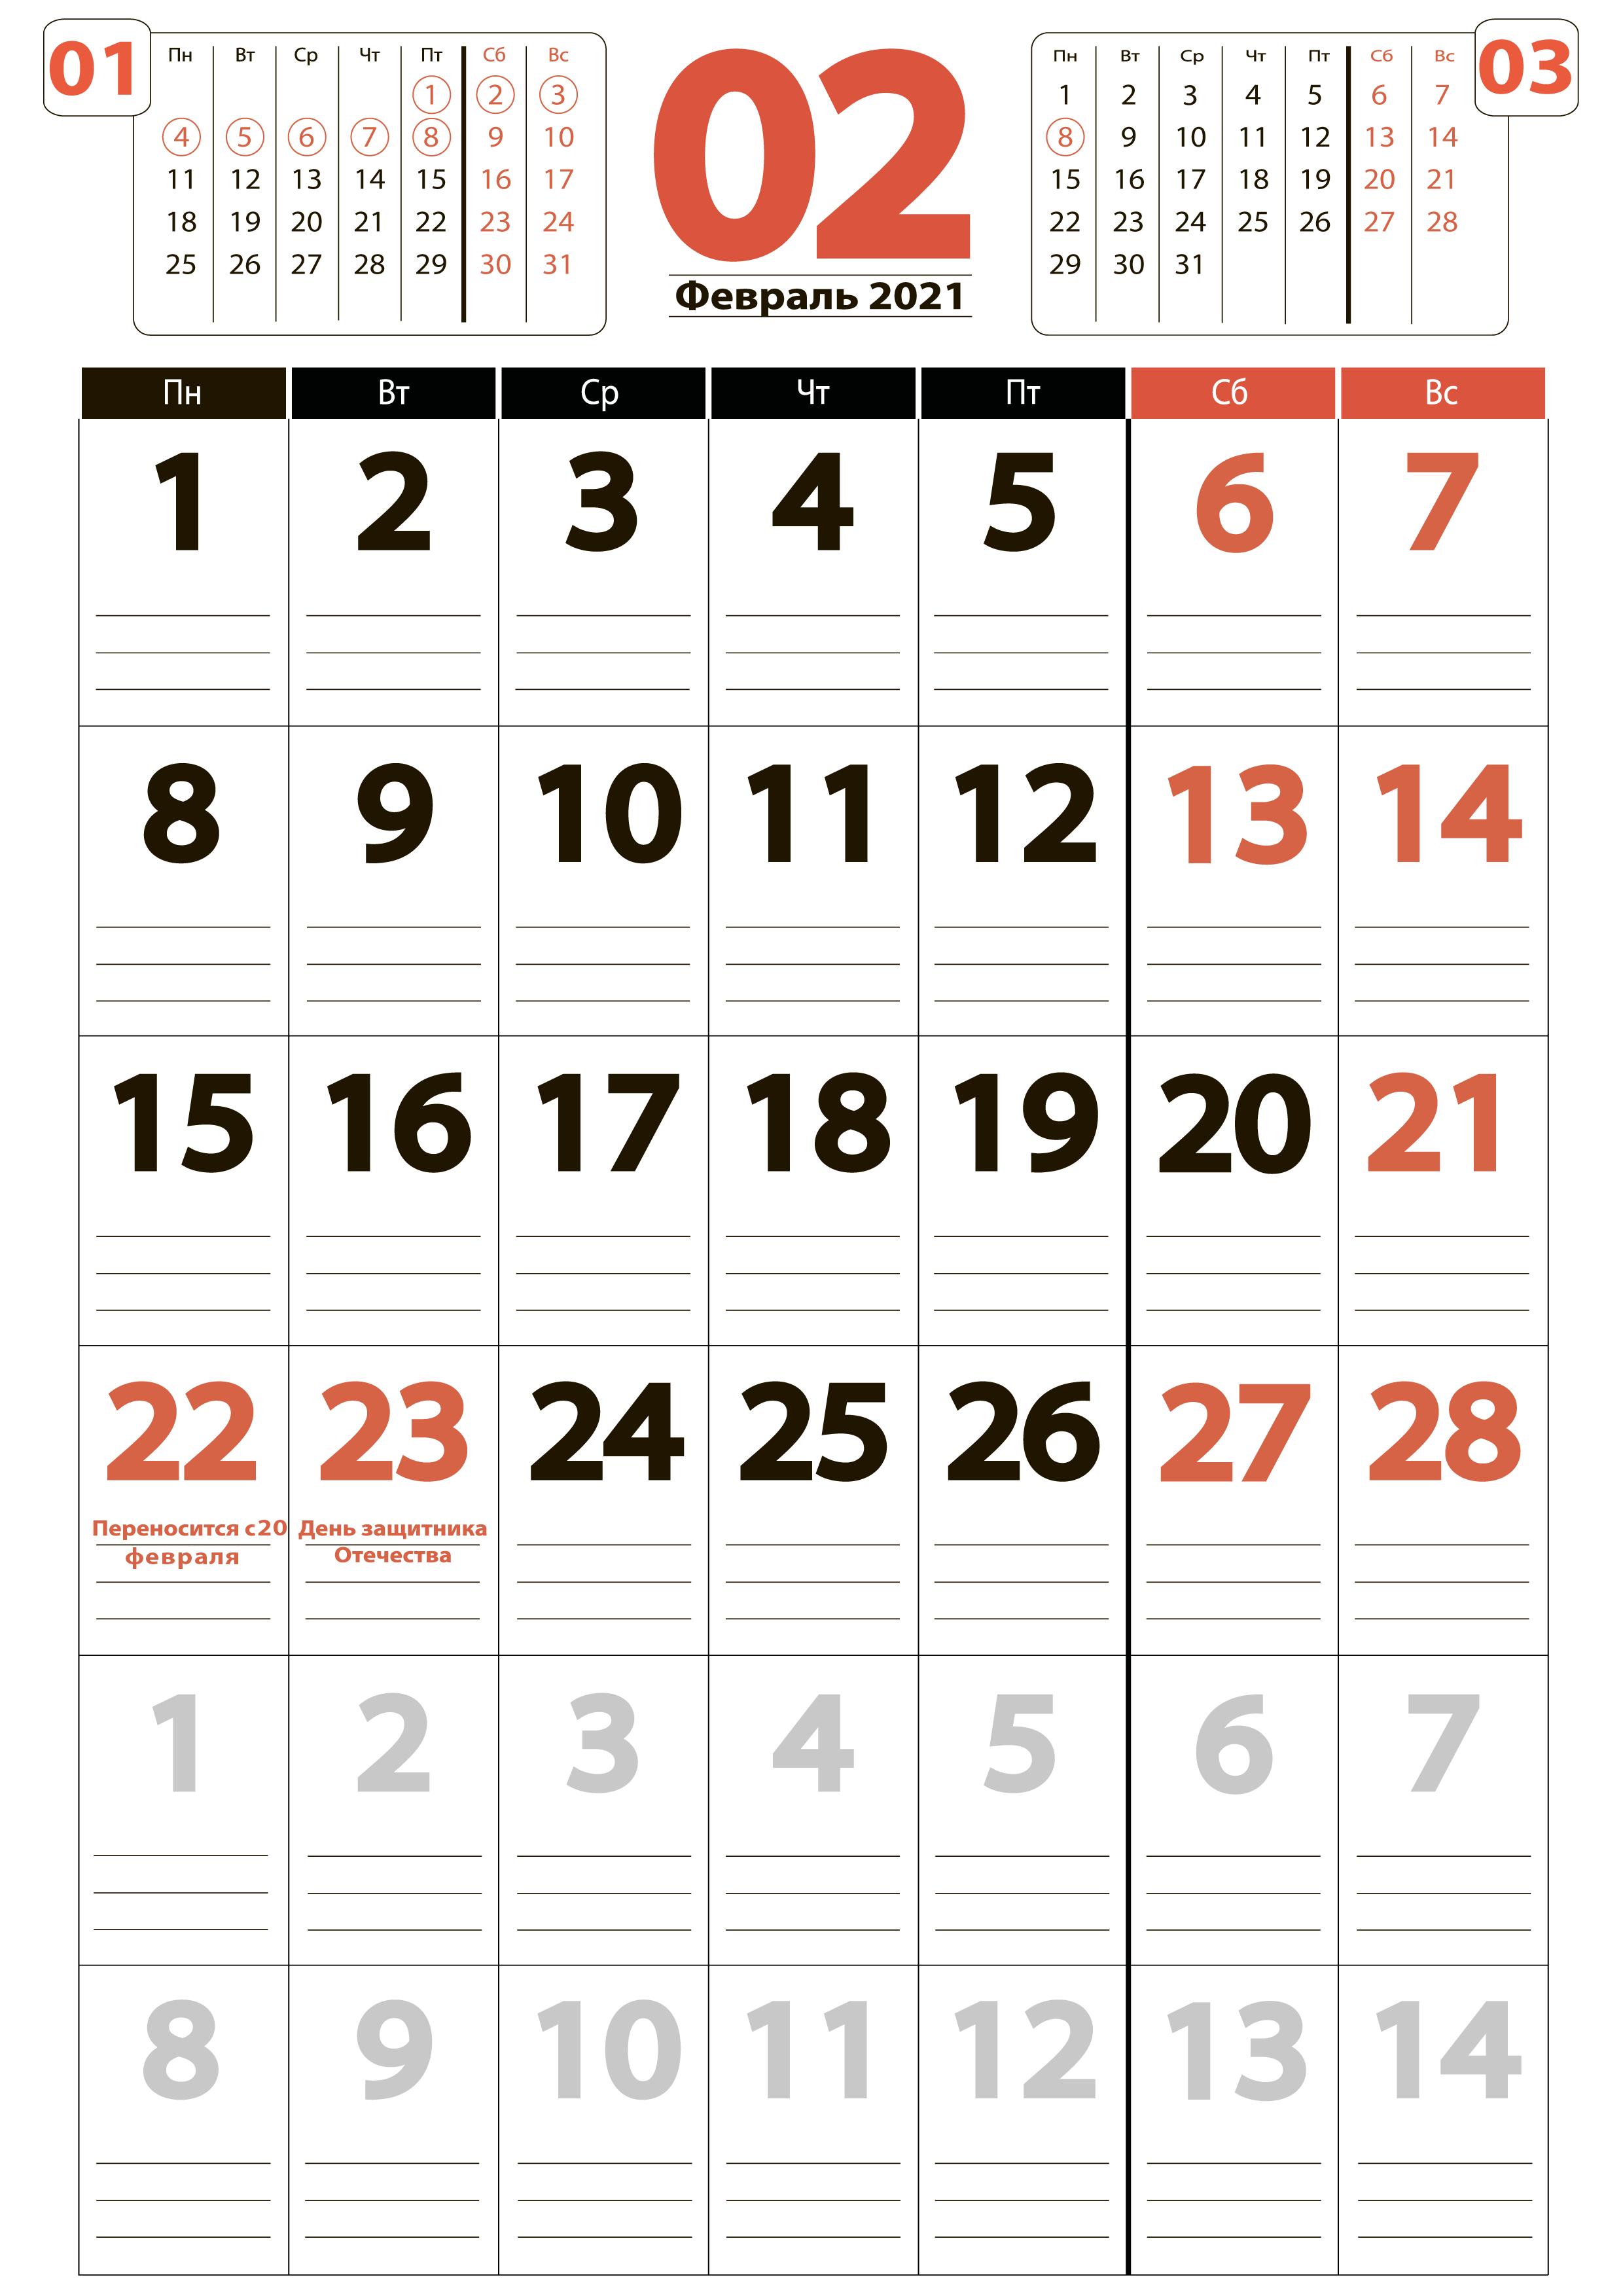 Февраль 2021 - Календарь книжный формат